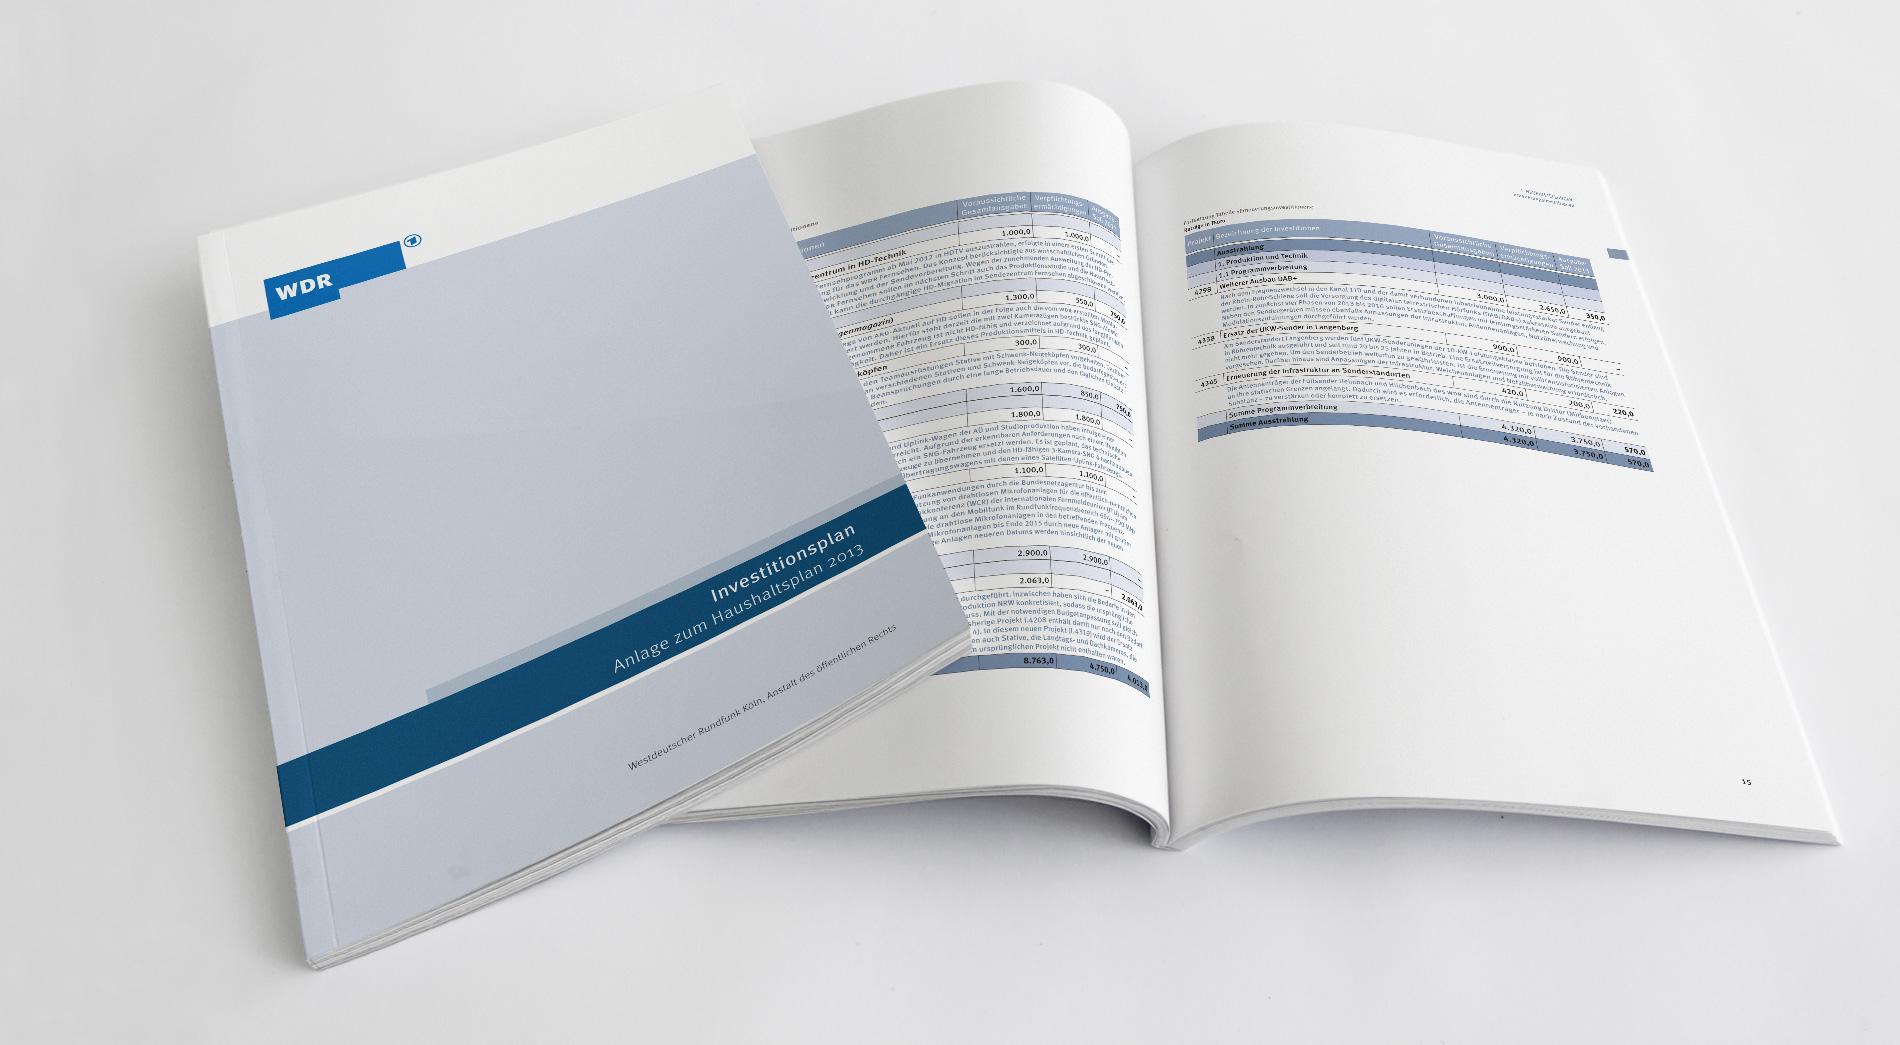 WDR Finanzpublikationen 2012, Investitionsplan 2013, Titel